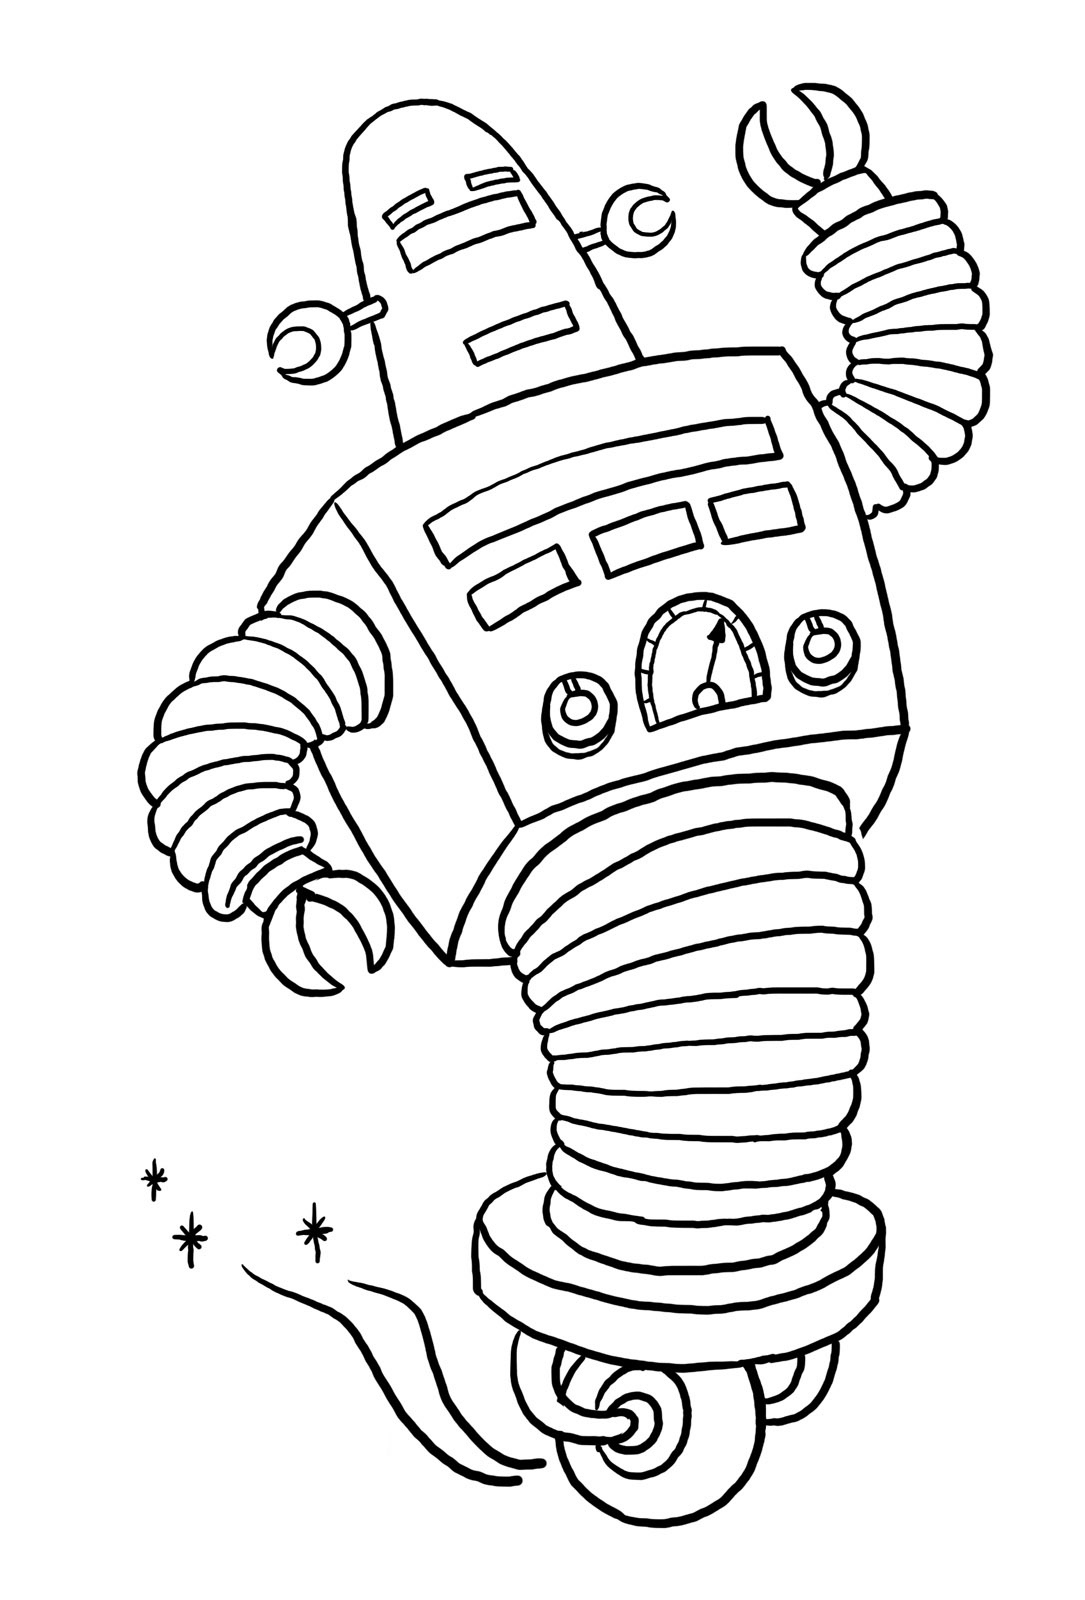 Coloriage De Robots À Imprimer Gratuitement - Coloriage De tout Coloriage Robot À Imprimer